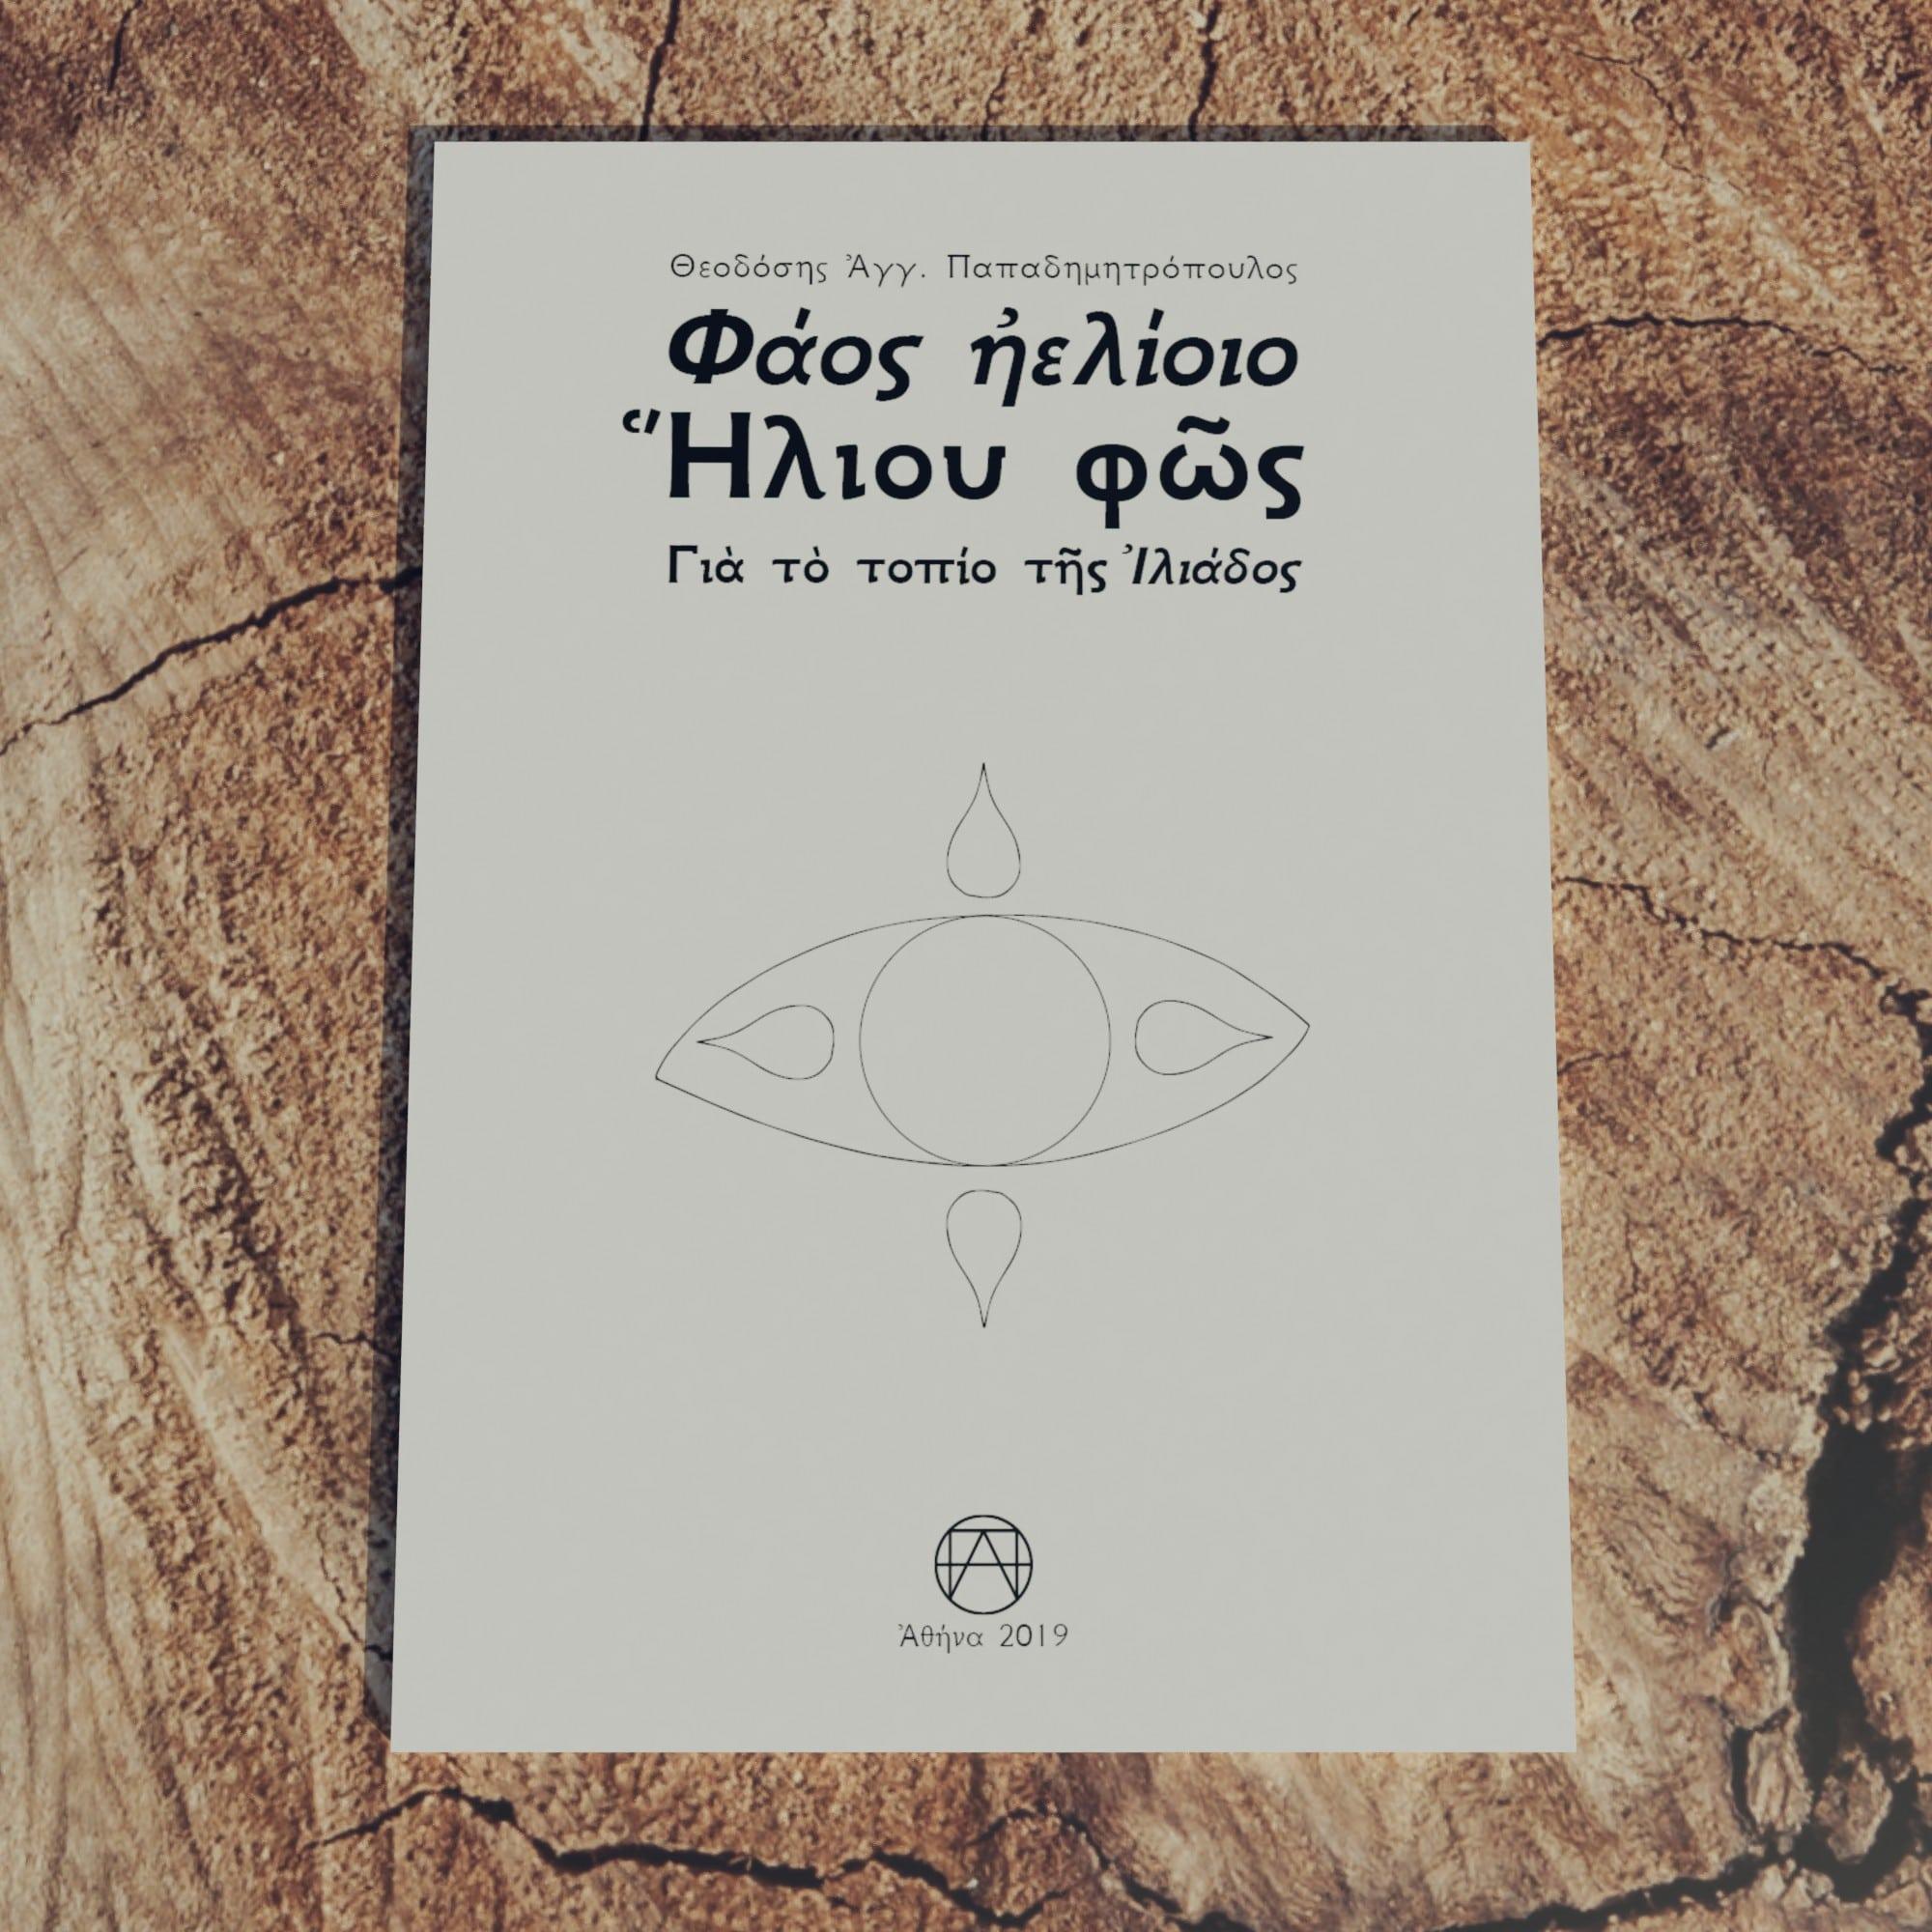 φάος-ηελίοιο-ήλιου-φως-ιλιάς-όμηρος-θεοδόσης-αγγ-παπαδημητρόπουλος